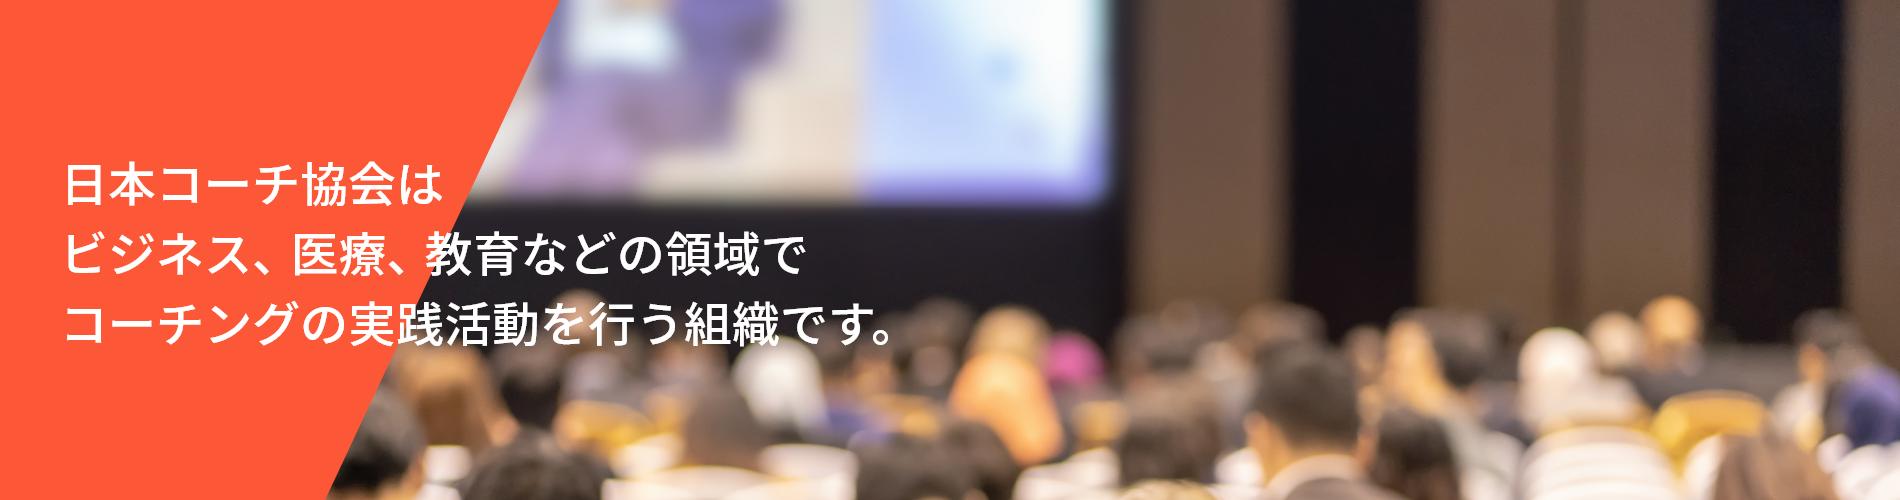 日本コーチ協会はビジネス、医療、教育などの領域でコーチングの実践活動を行う組織です。